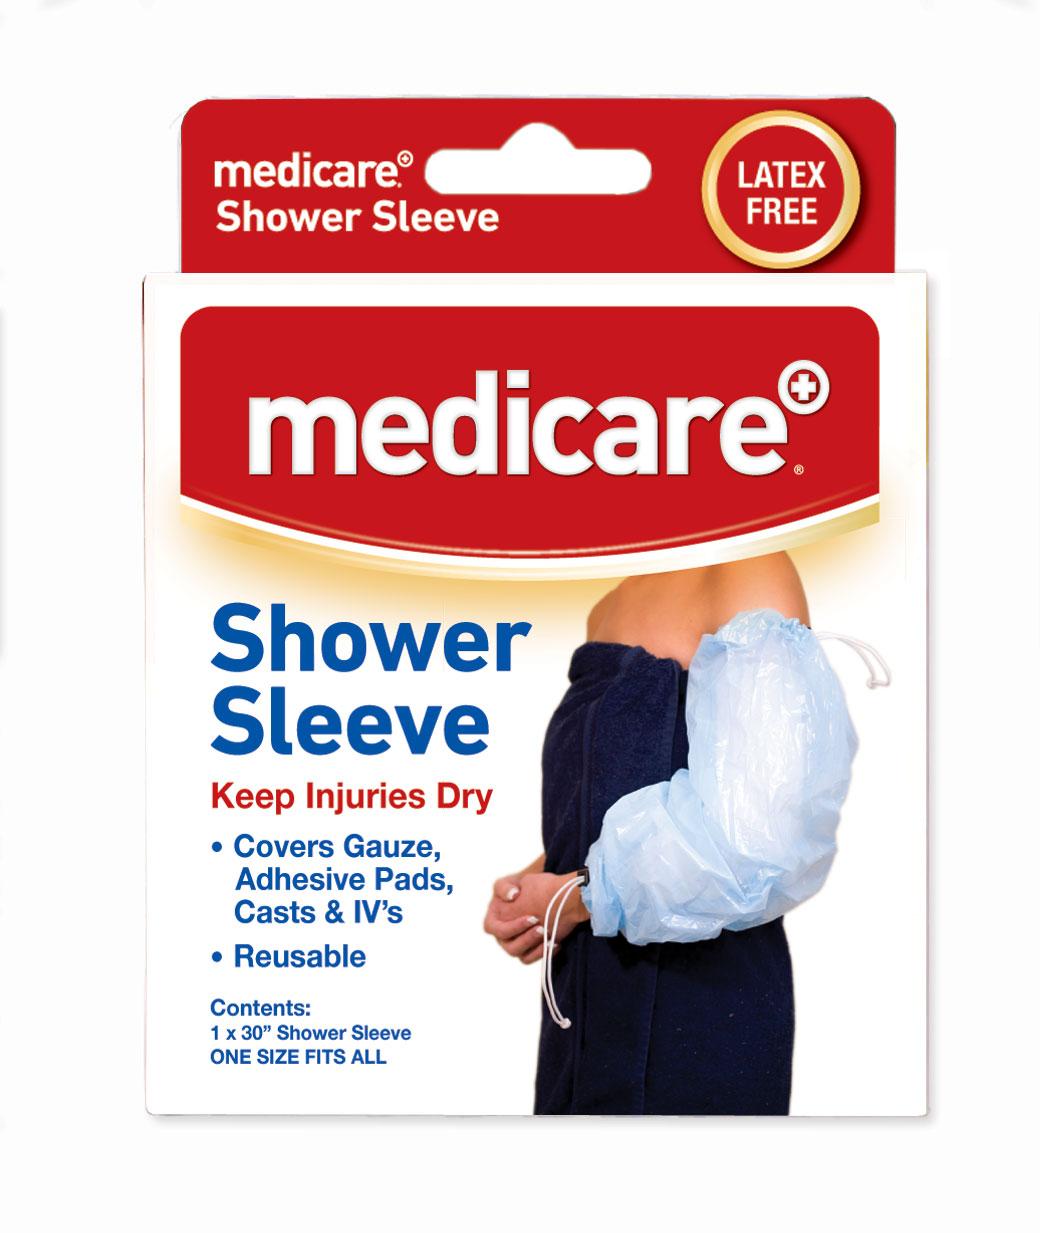 Medicare Shower Sleeve Rosslare Pharmacy